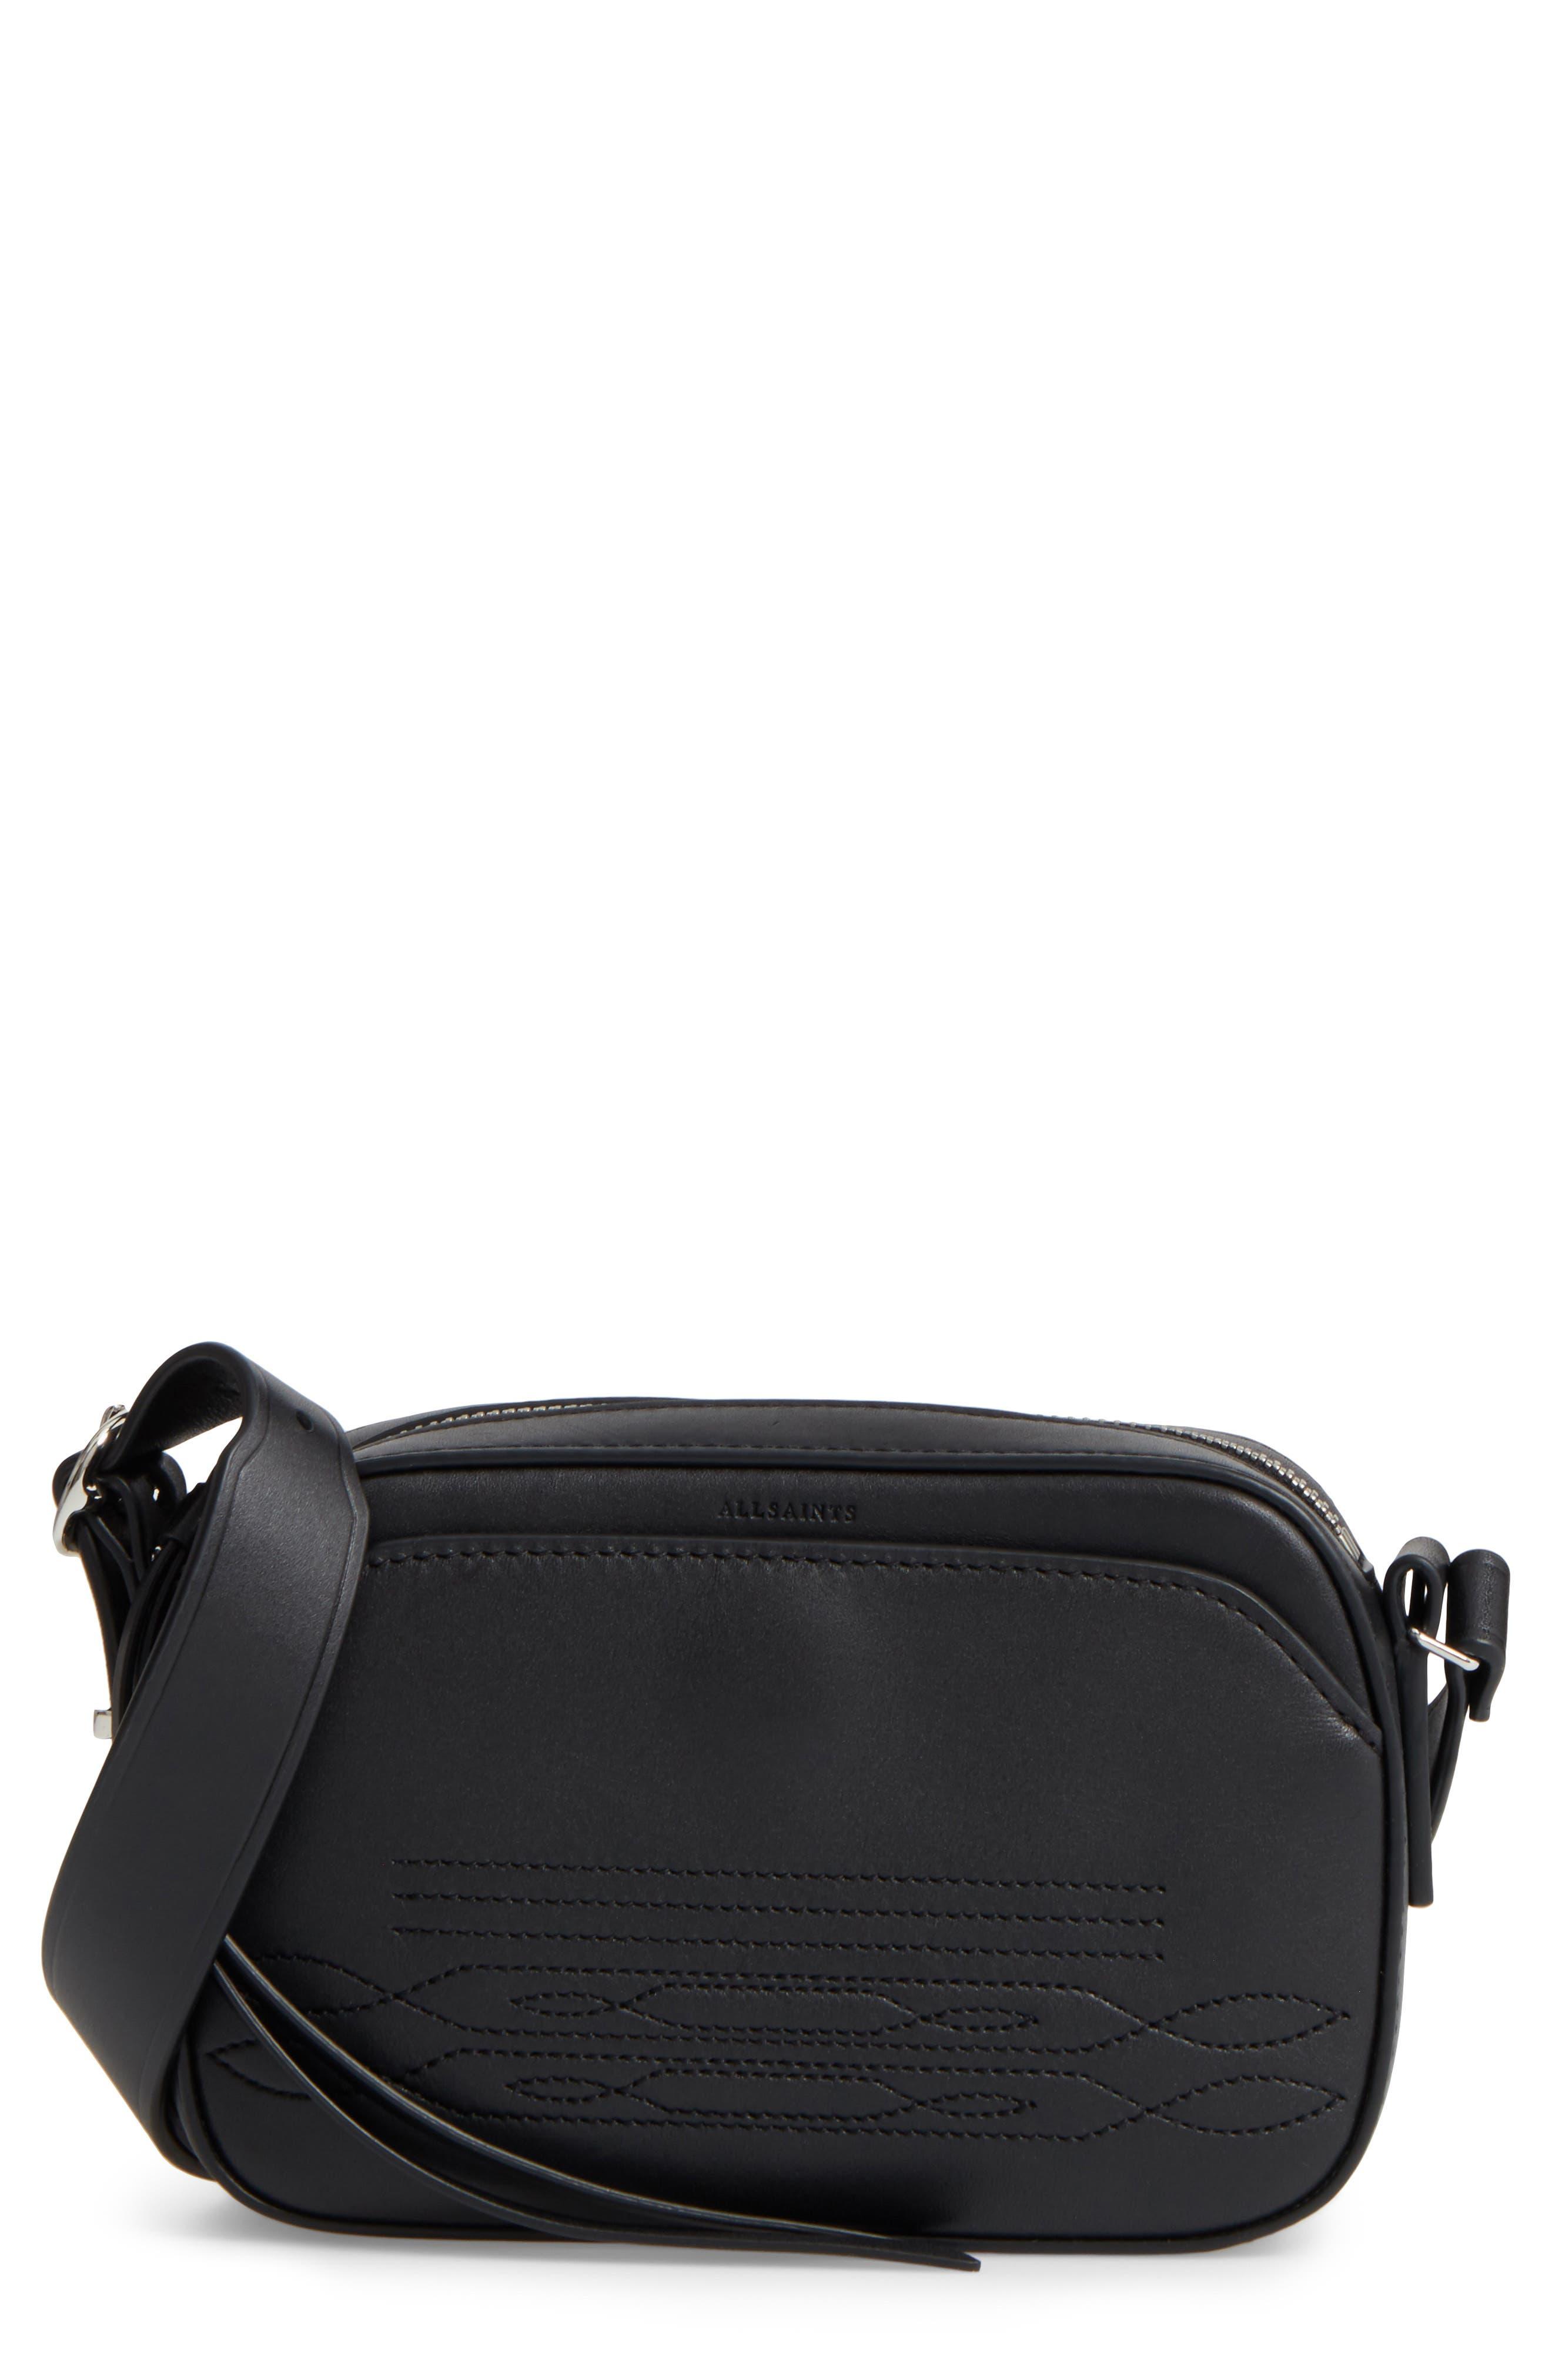 ALLSAINTS Small Cooper Calfskin Leather Shoulder Bag